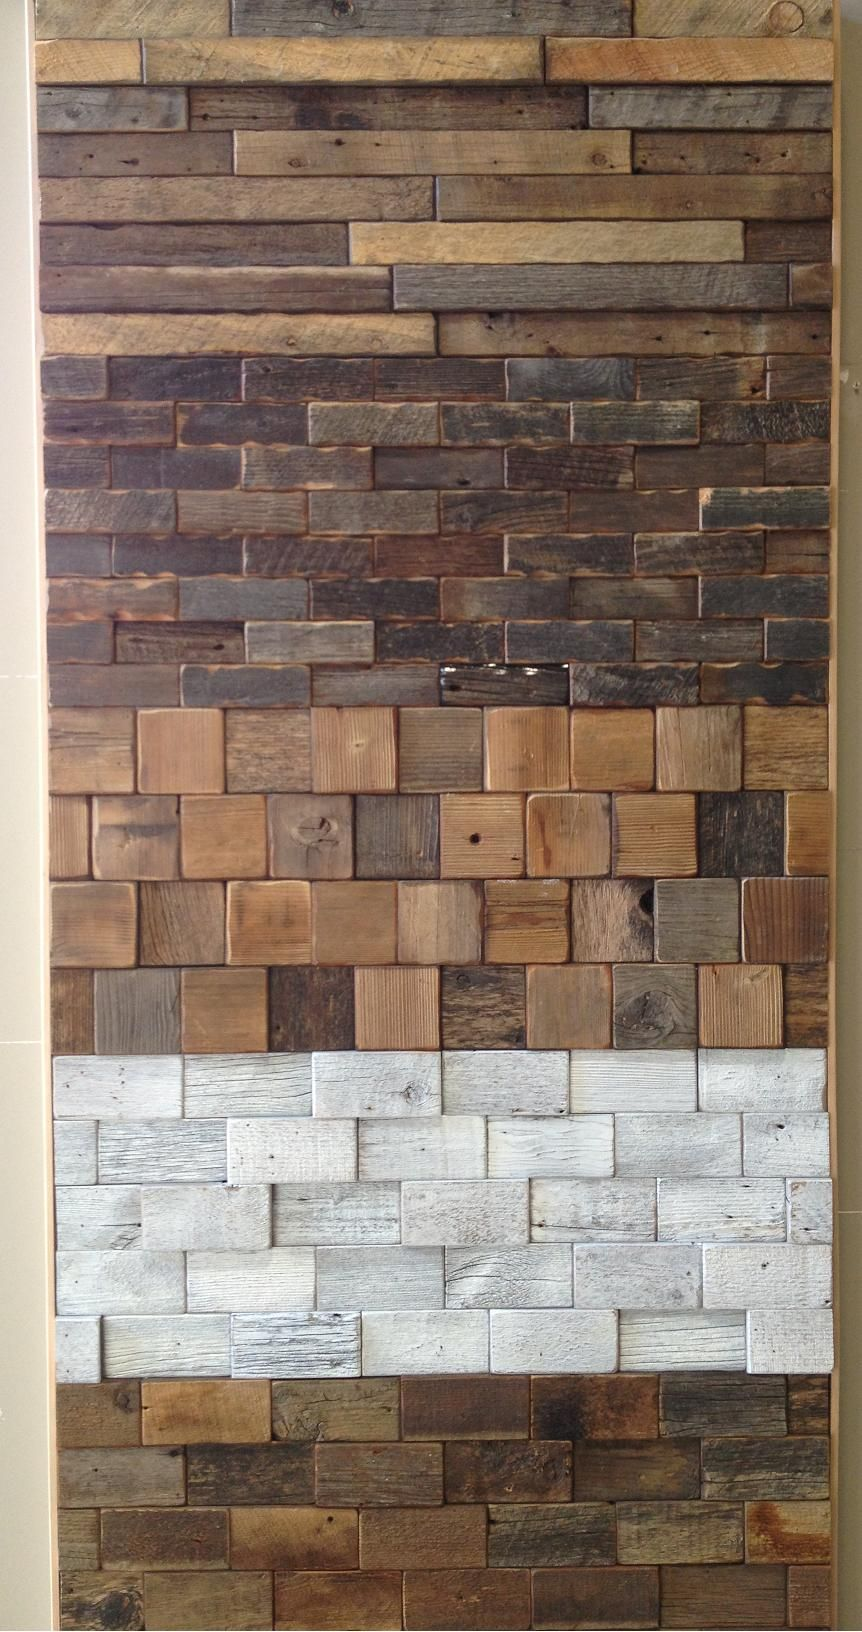 - Wandbekleidungen In 2019 Wood Wall Tiles, Reclaimed Barn Wood